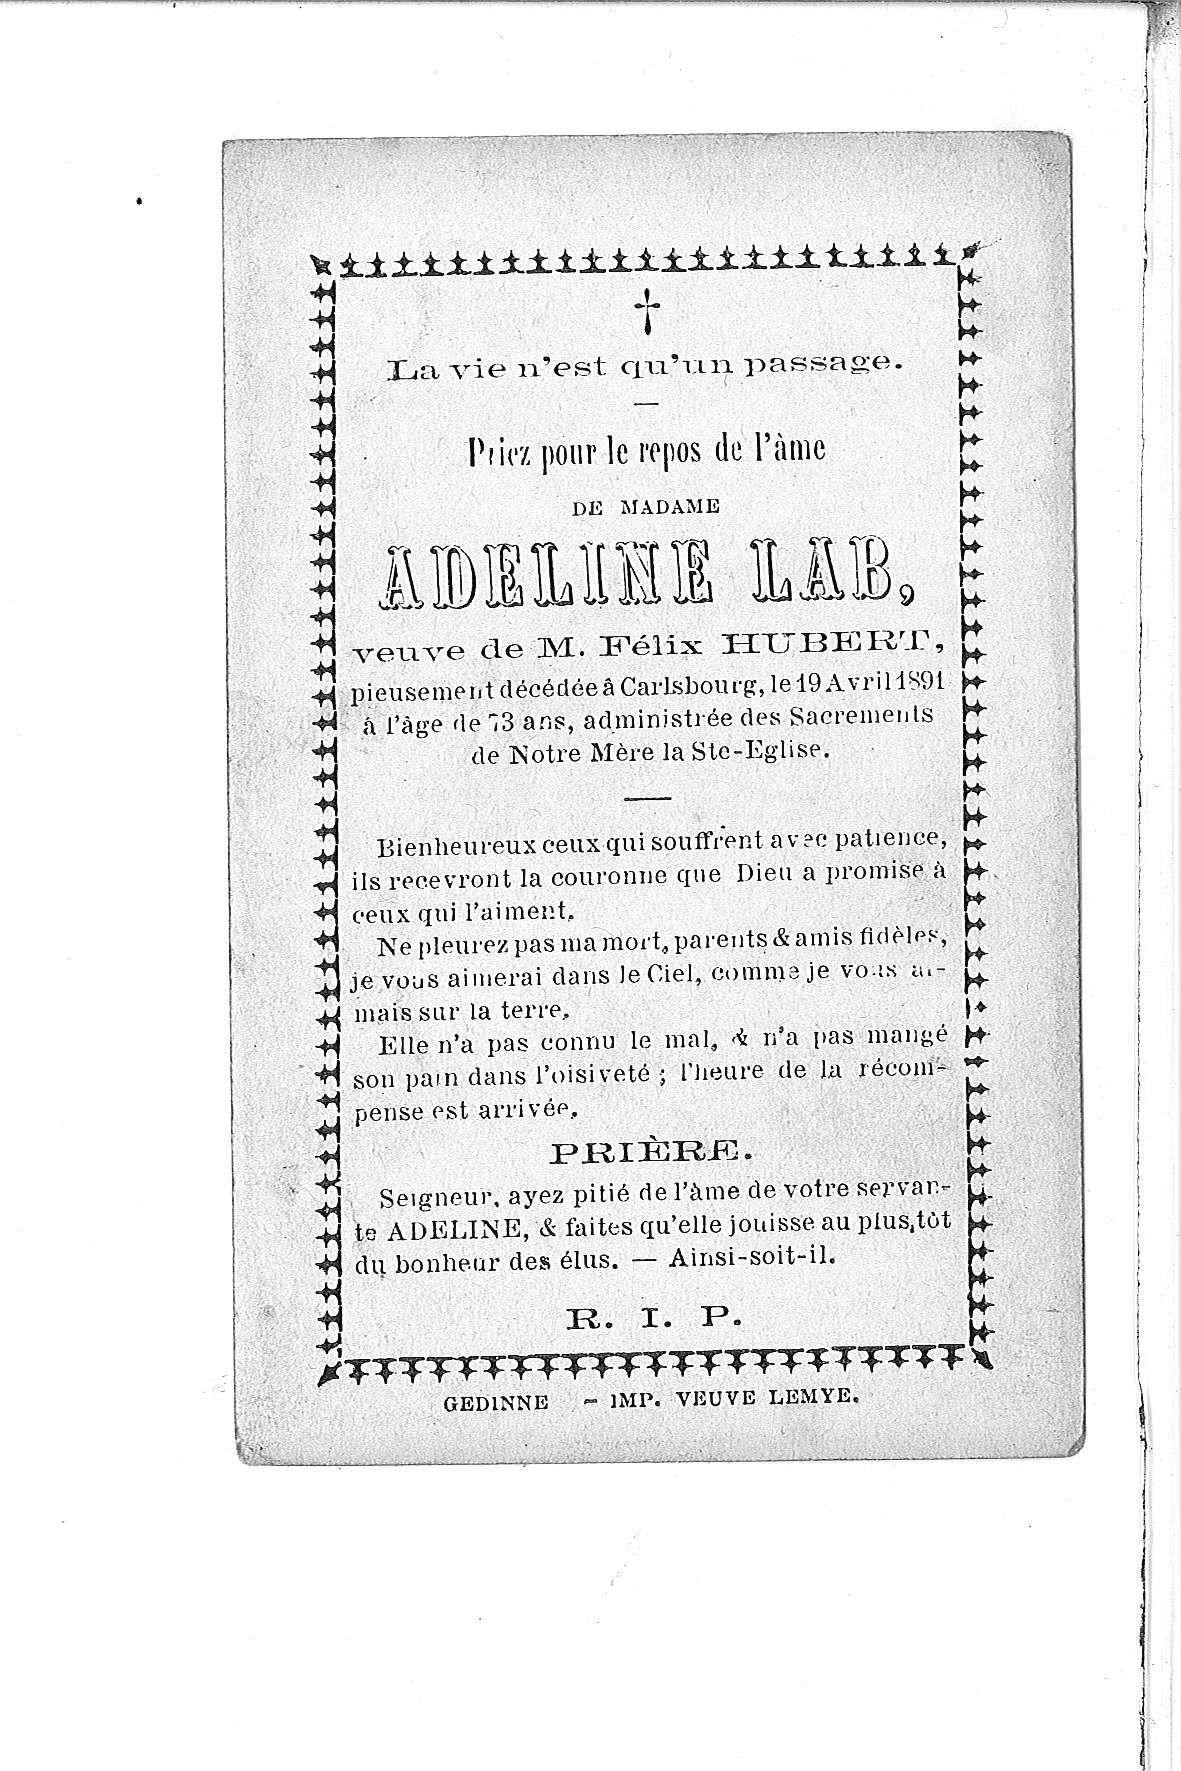 Adeline(1891)20110119142114_00006.jpg